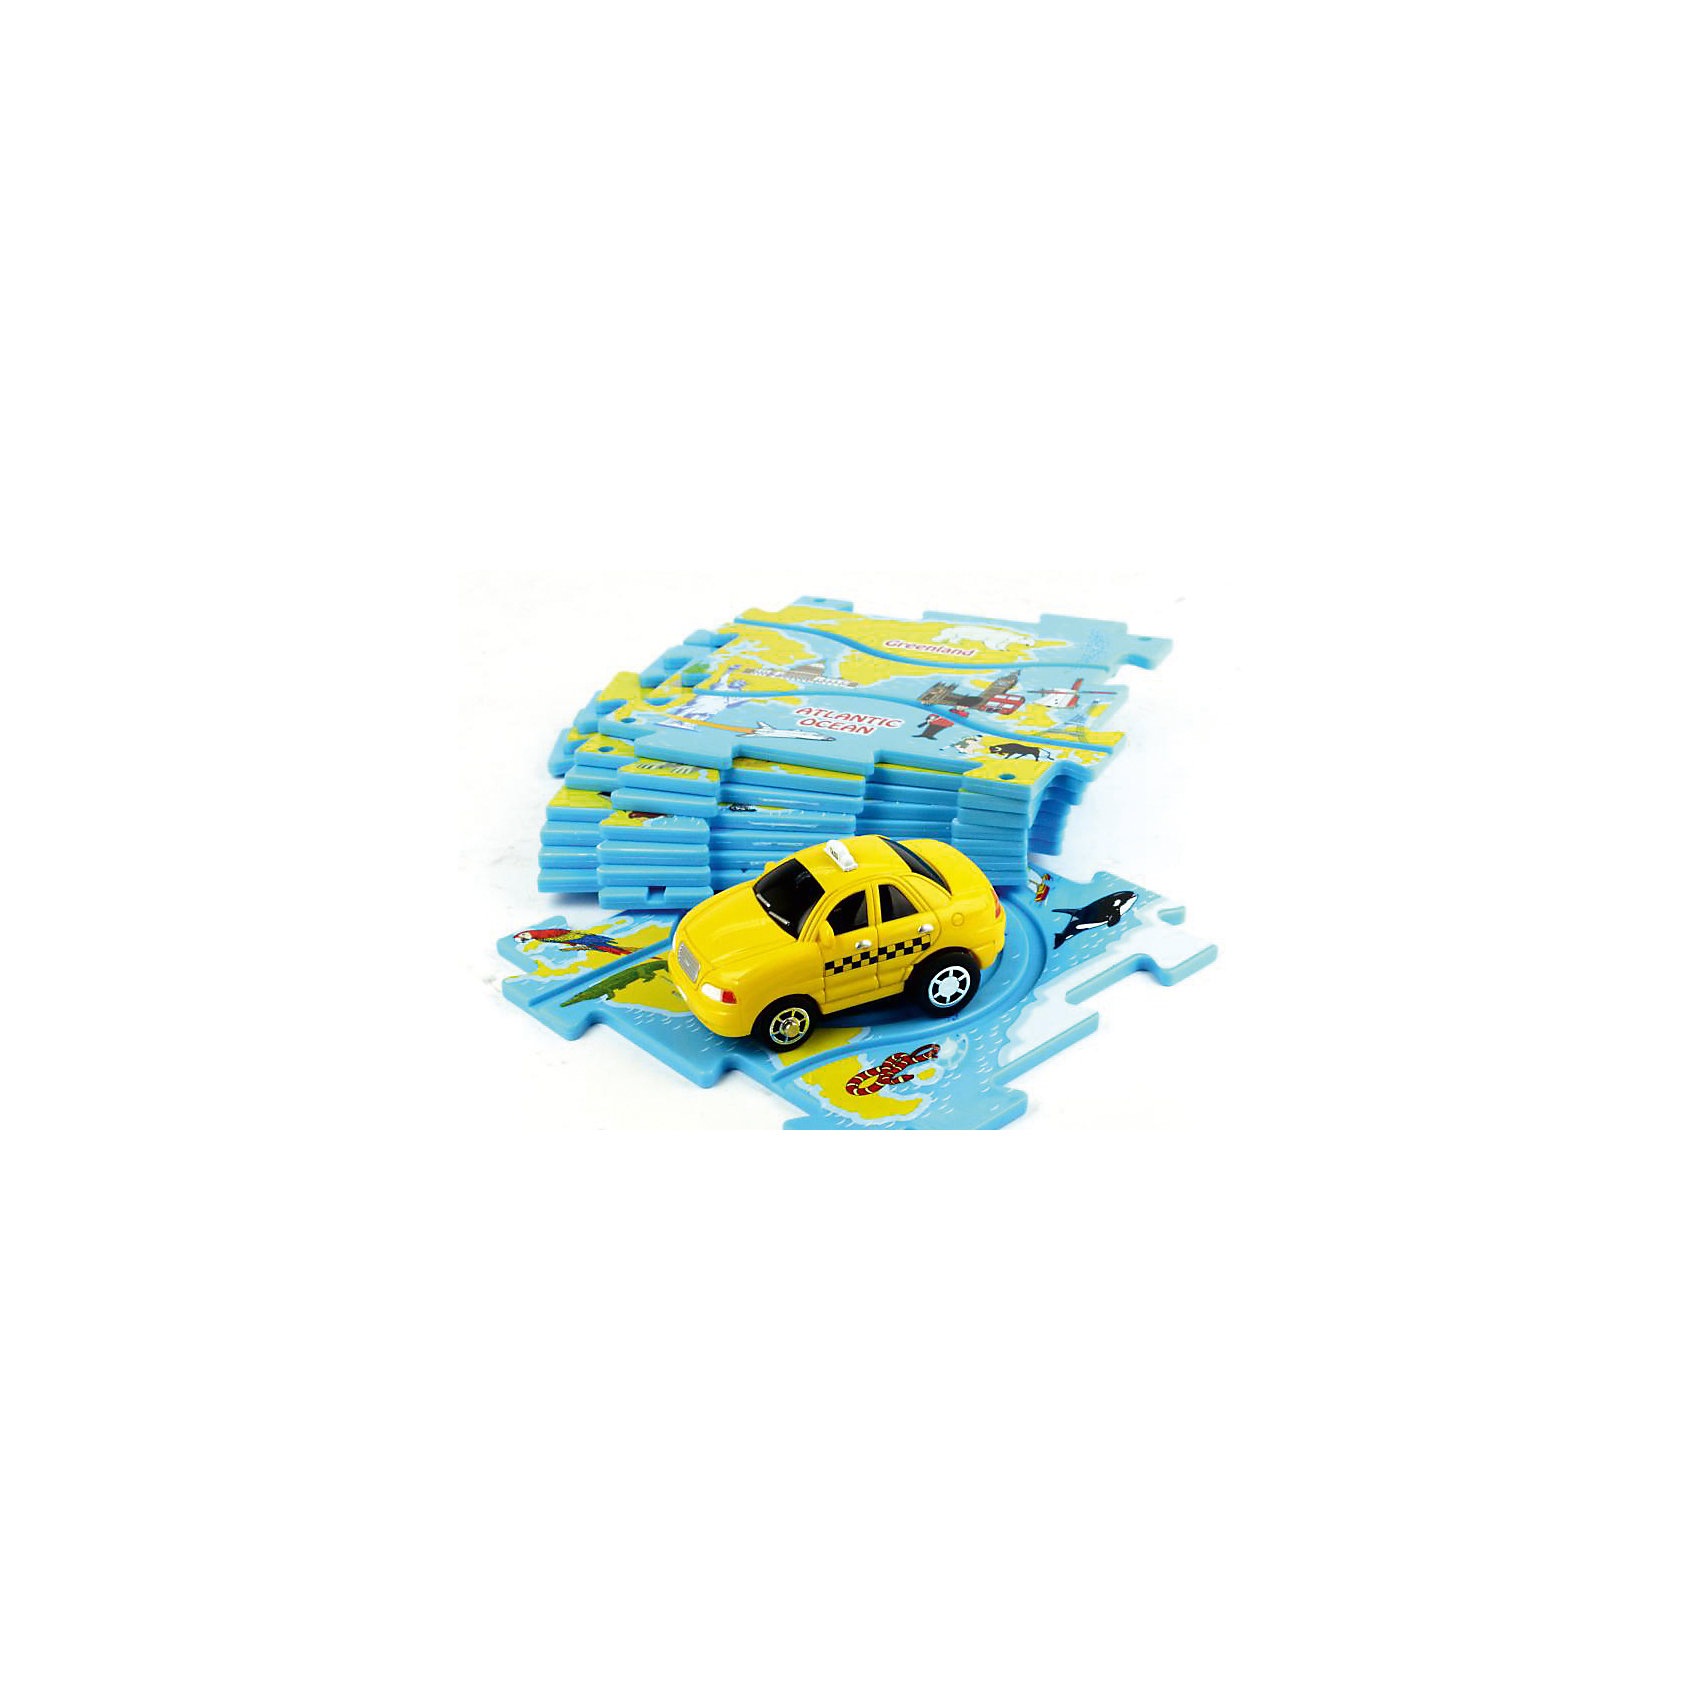 Игровой набор Такси Puzzle PilotИгровой набор Такси Puzzle Pilot – это динамичная игра, совмещающая в себе элементы пазла, головоломки и железной дороги.<br>Игровой набор Такси Puzzle Pilot – это игра, в которой ребенок из плиток-пазлов с треками различных форм сможет собирать разнообразные варианты маршрута, по которому помчится такси! Набор позволяет составлять около 50-ти различных маршрутов движения. Машина движется исключительно по заданной траектории, однако малышу придется соблюдать требования ограничительных дорожных знаков, которые встретятся на ее пути. Ключевая задача ребенка, состоит в том, чтобы автомобиль проехал по игровому полю, преодолев все препятствия и не нарушив требований знаков. Вы можете упростить или усложнить игру в зависимости от возраста малыша. Импровизируйте с декорациями, задачами и мотивацией ребенка – и тогда эта игра станет еще более интересной. Игра развивают внимание, логику, воображение, мелкую моторику пальцев рук, что благотворно влияет на речь ребенка, а также крупную моторику. Все комплекты Puzzle Pilot совместимы. Это позволит вам создать огромное количество различных вариаций маршрутов и задействовать в игре одновременно много автомобильчиков.<br><br>Дополнительная информация:<br><br>-В наборе: игровое поле из 8 пазлов, дорожные знаки 6 шт, автомобиль<br>- Размер пазла: 12х х12 см.<br>- Материал: пластмасса<br>- Батарейки: 1 типа ААА (входят в комплект)<br>- Размер упаковки: 29,5 x 4 x 22 см.<br>- Вес: 435 гр.<br><br>Игровой набор Такси Puzzle Pilot можно купить в нашем интернет-магазине.<br><br>Ширина мм: 295<br>Глубина мм: 220<br>Высота мм: 40<br>Вес г: 435<br>Возраст от месяцев: 36<br>Возраст до месяцев: 96<br>Пол: Унисекс<br>Возраст: Детский<br>SKU: 4387466